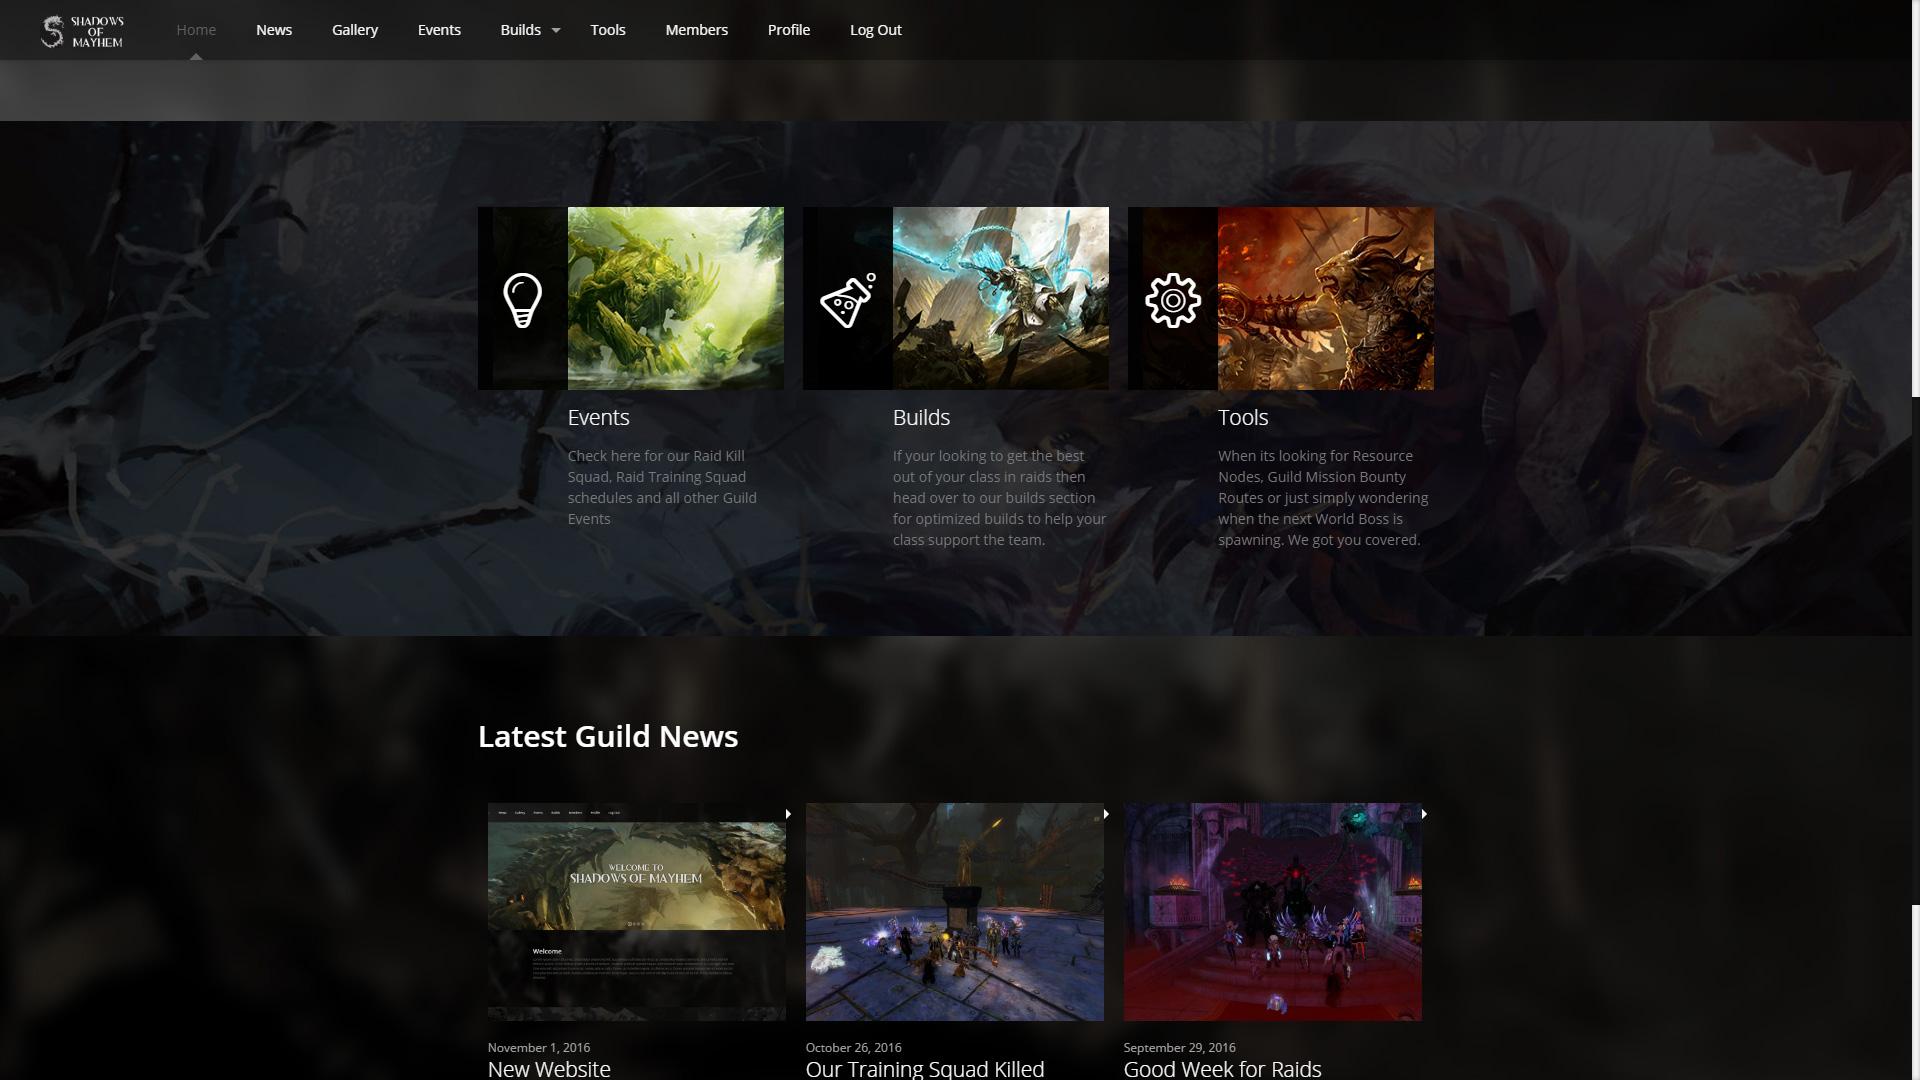 Website View